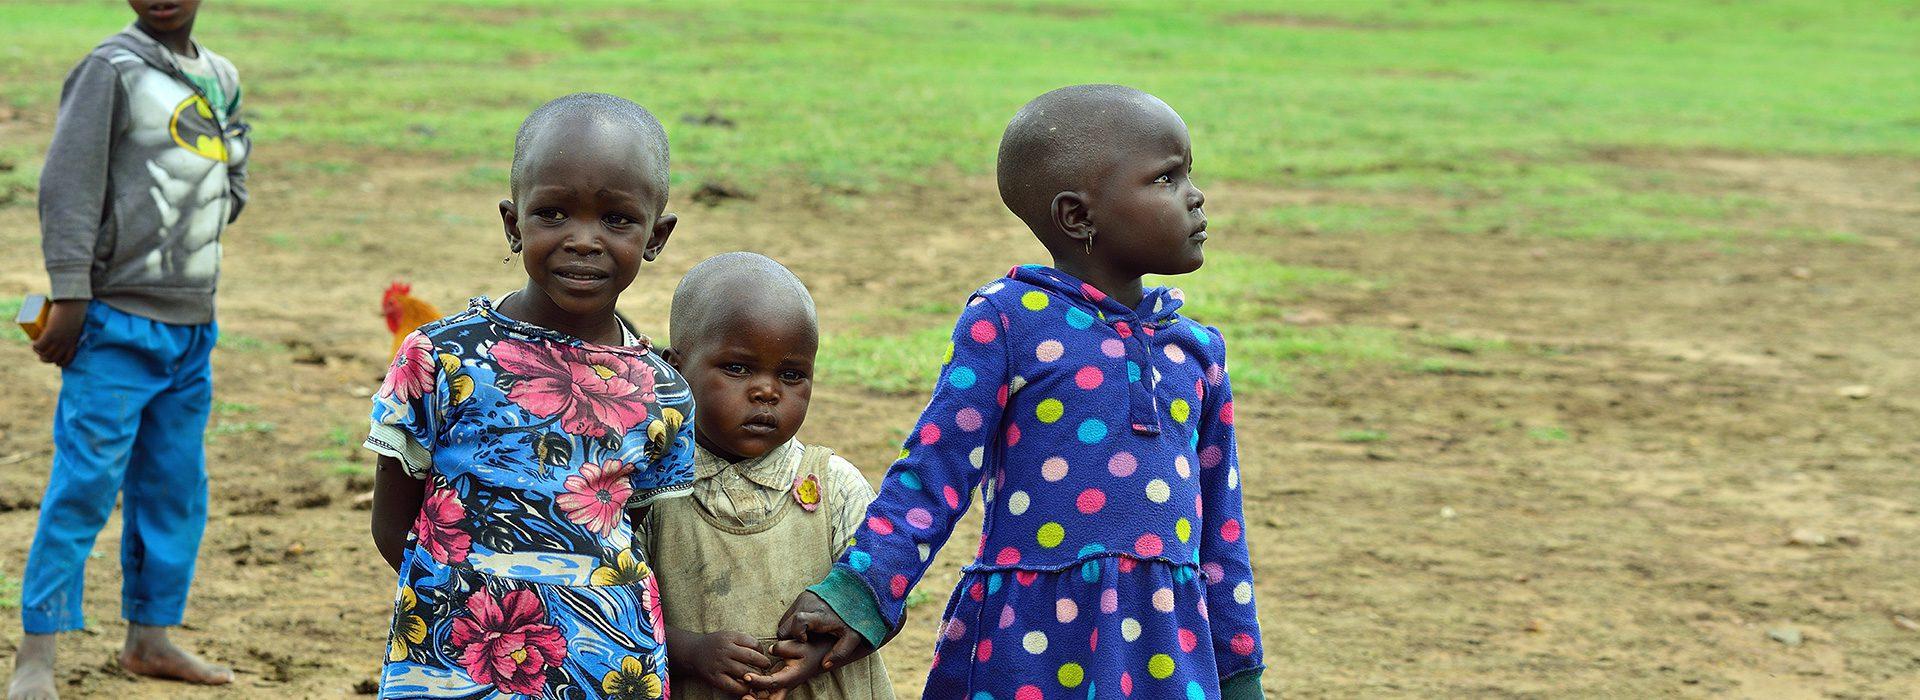 Kenia: la mujer como pilar para el desarrollo